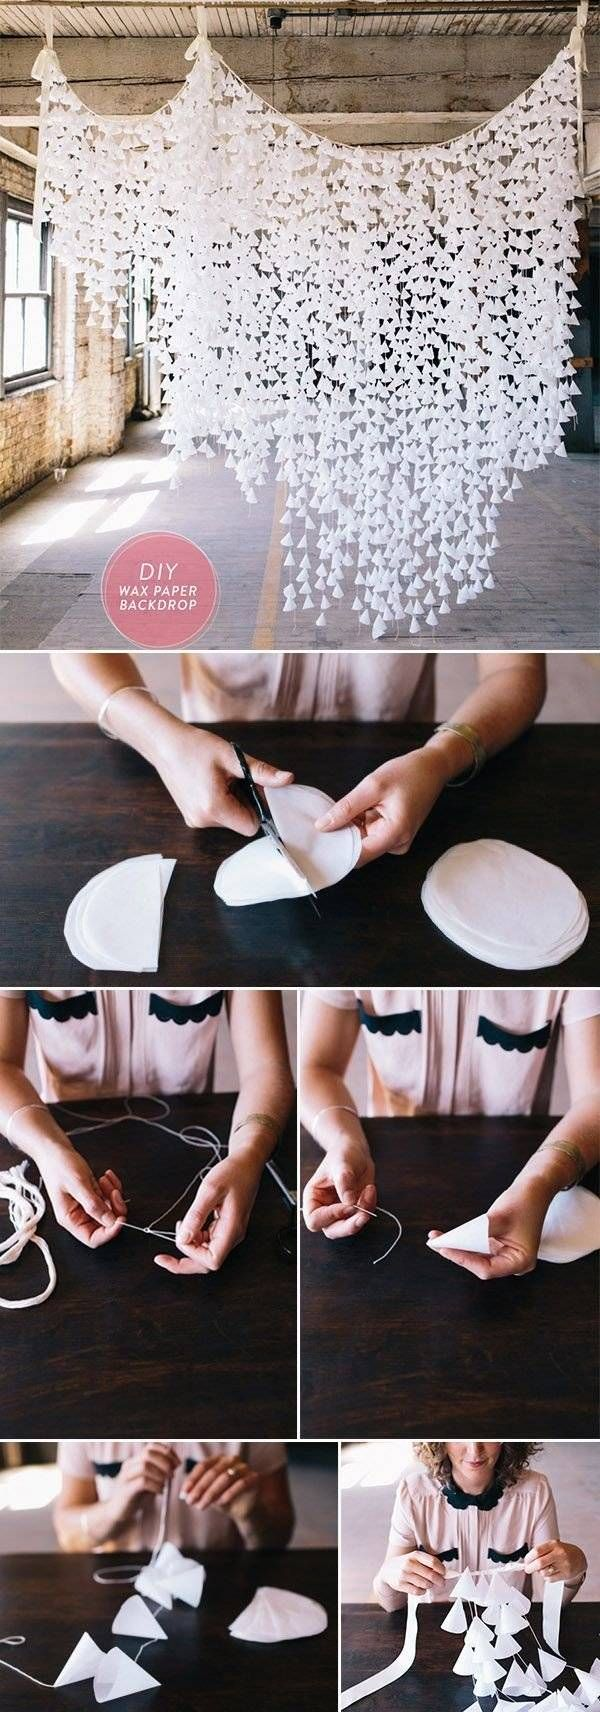 Idéias de artesanato DIY para o casamento, com as quais você encanta seus convidados   – WEDDING THINGS.